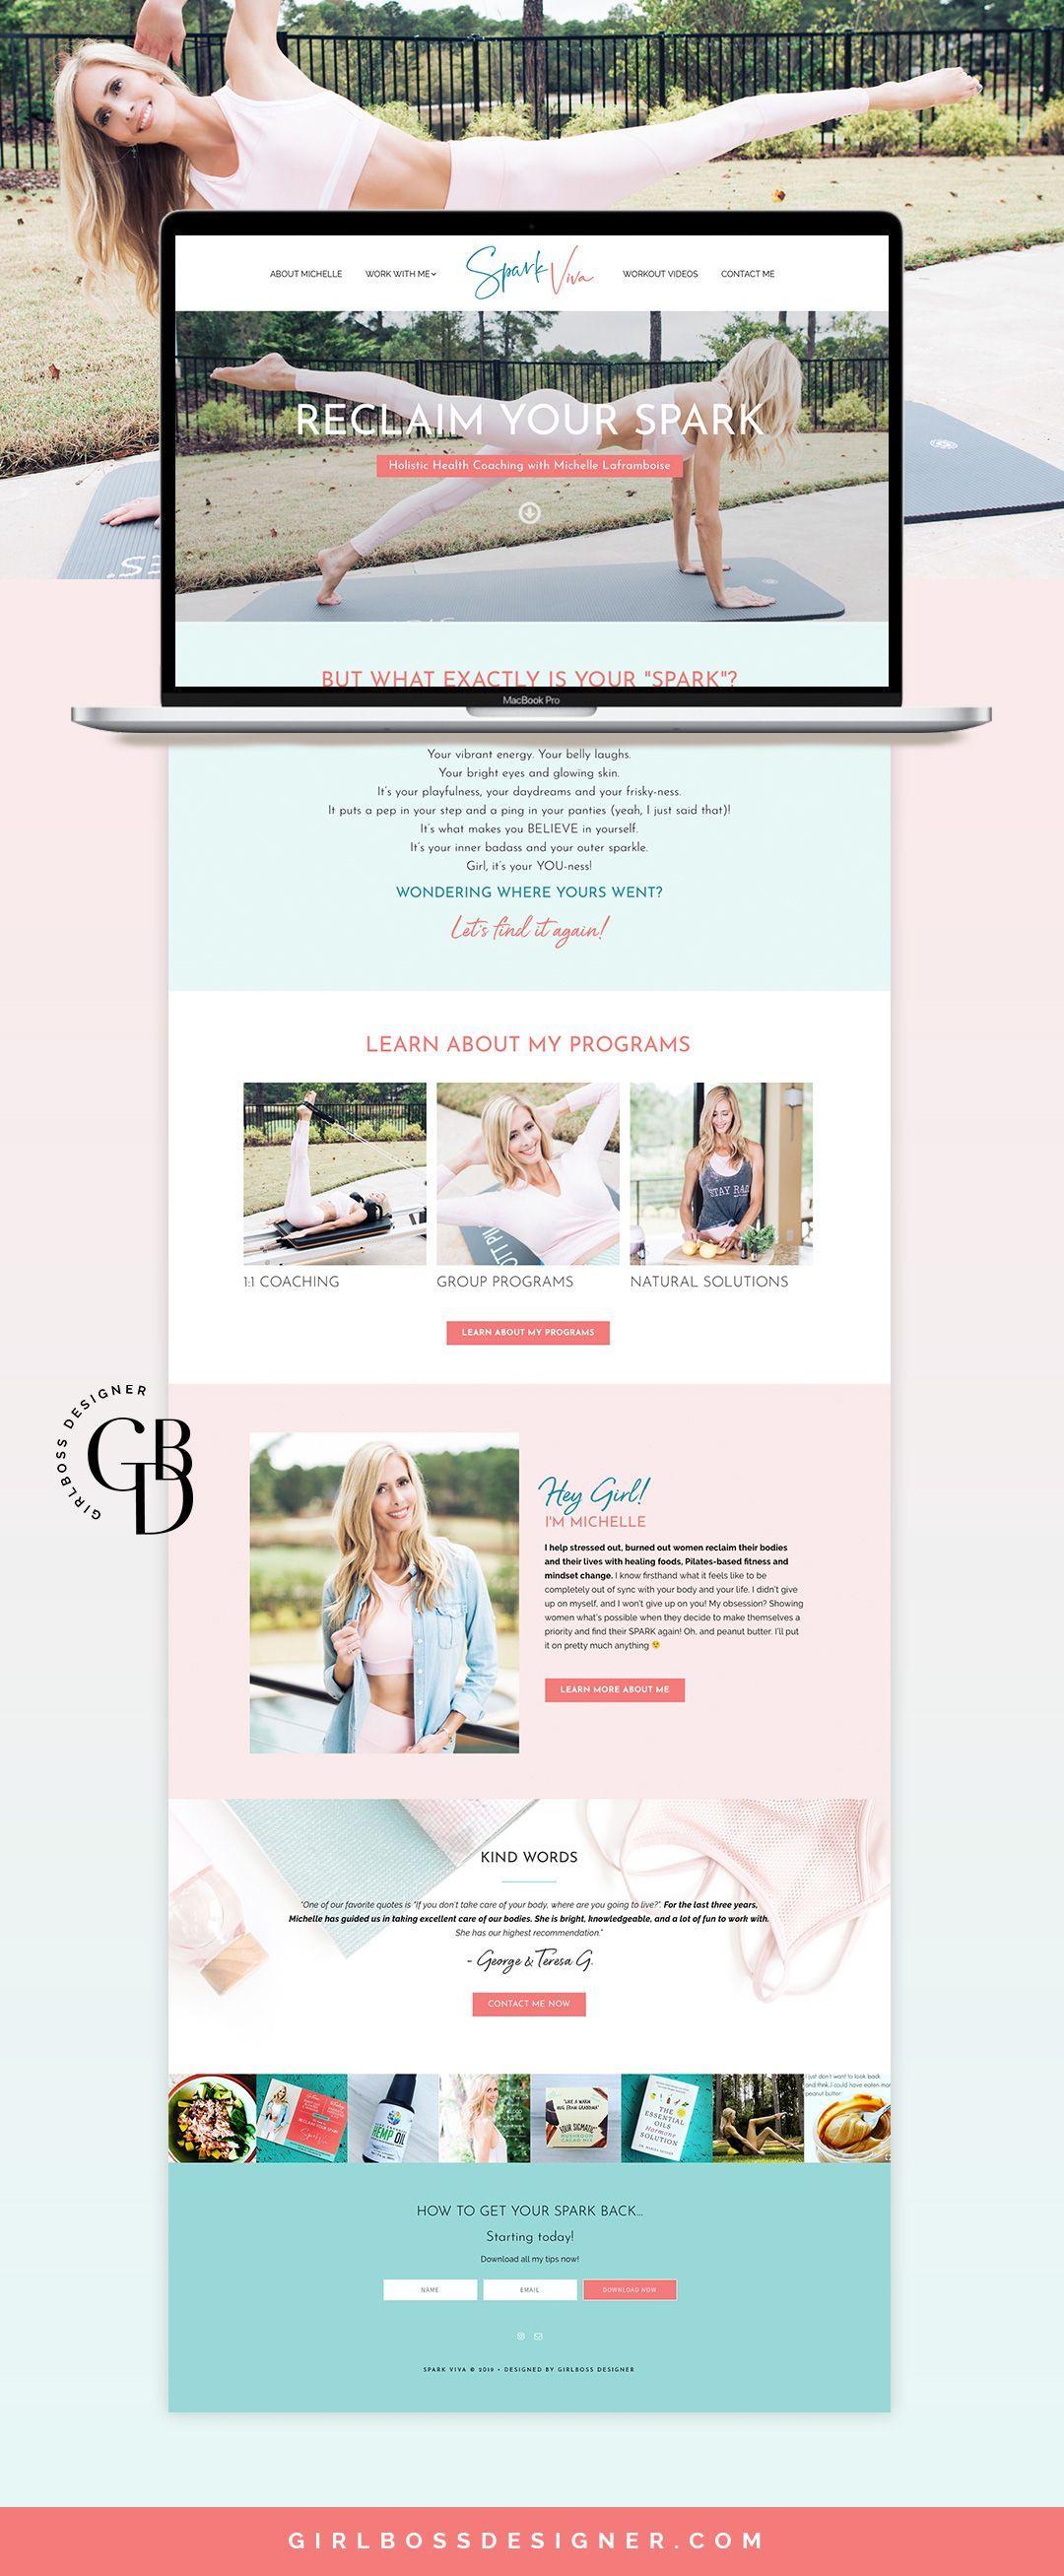 #coachingwebsitedesign #femaleentrepreneurs #healthcoachbranding #womenentrepreneurs #fitnessbrandin...